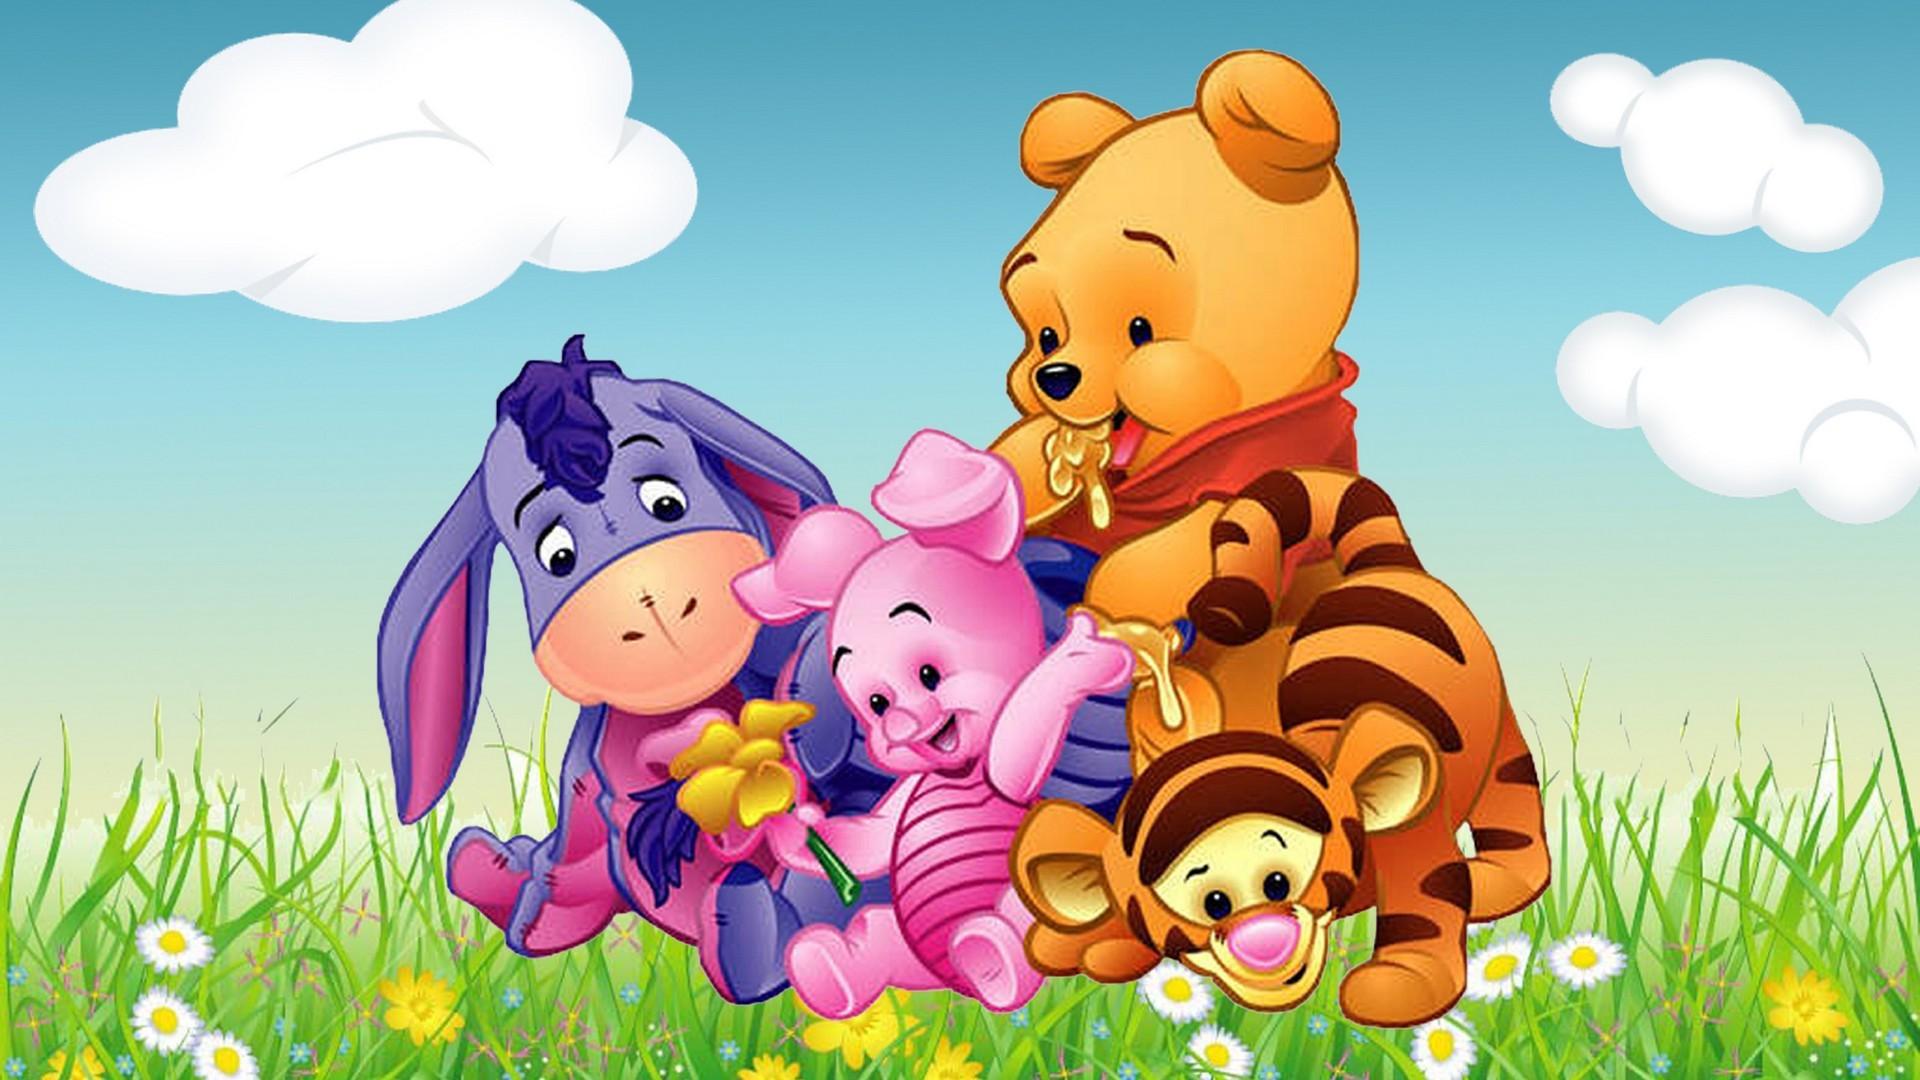 1920x1080, Cartoon Winnie The Pooh Tigger Piglet And - 4k Winnie The Pooh - HD Wallpaper